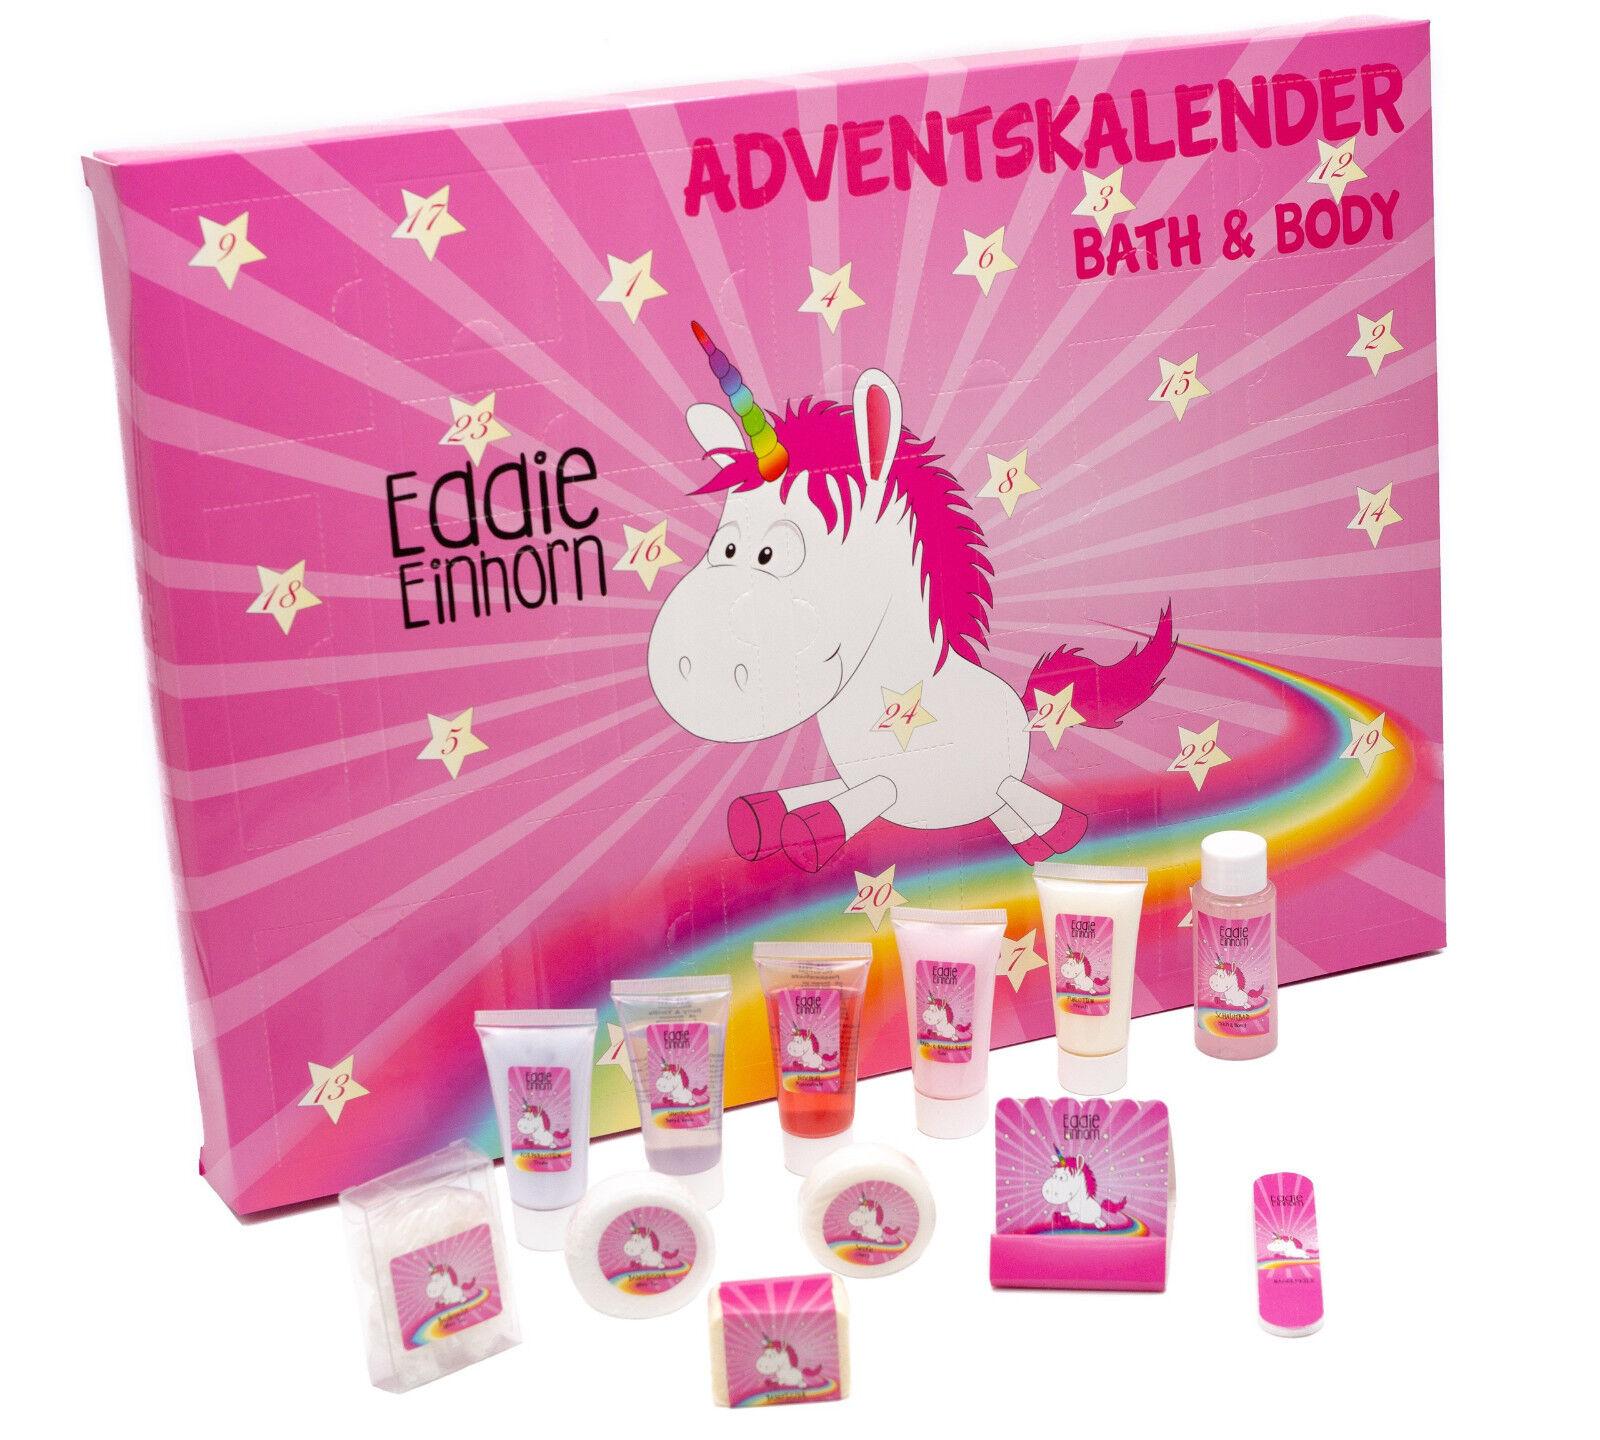 Original Eddie Einhorn Adventskalender Unicorn Wellnes Kalender Pflegeprodukte